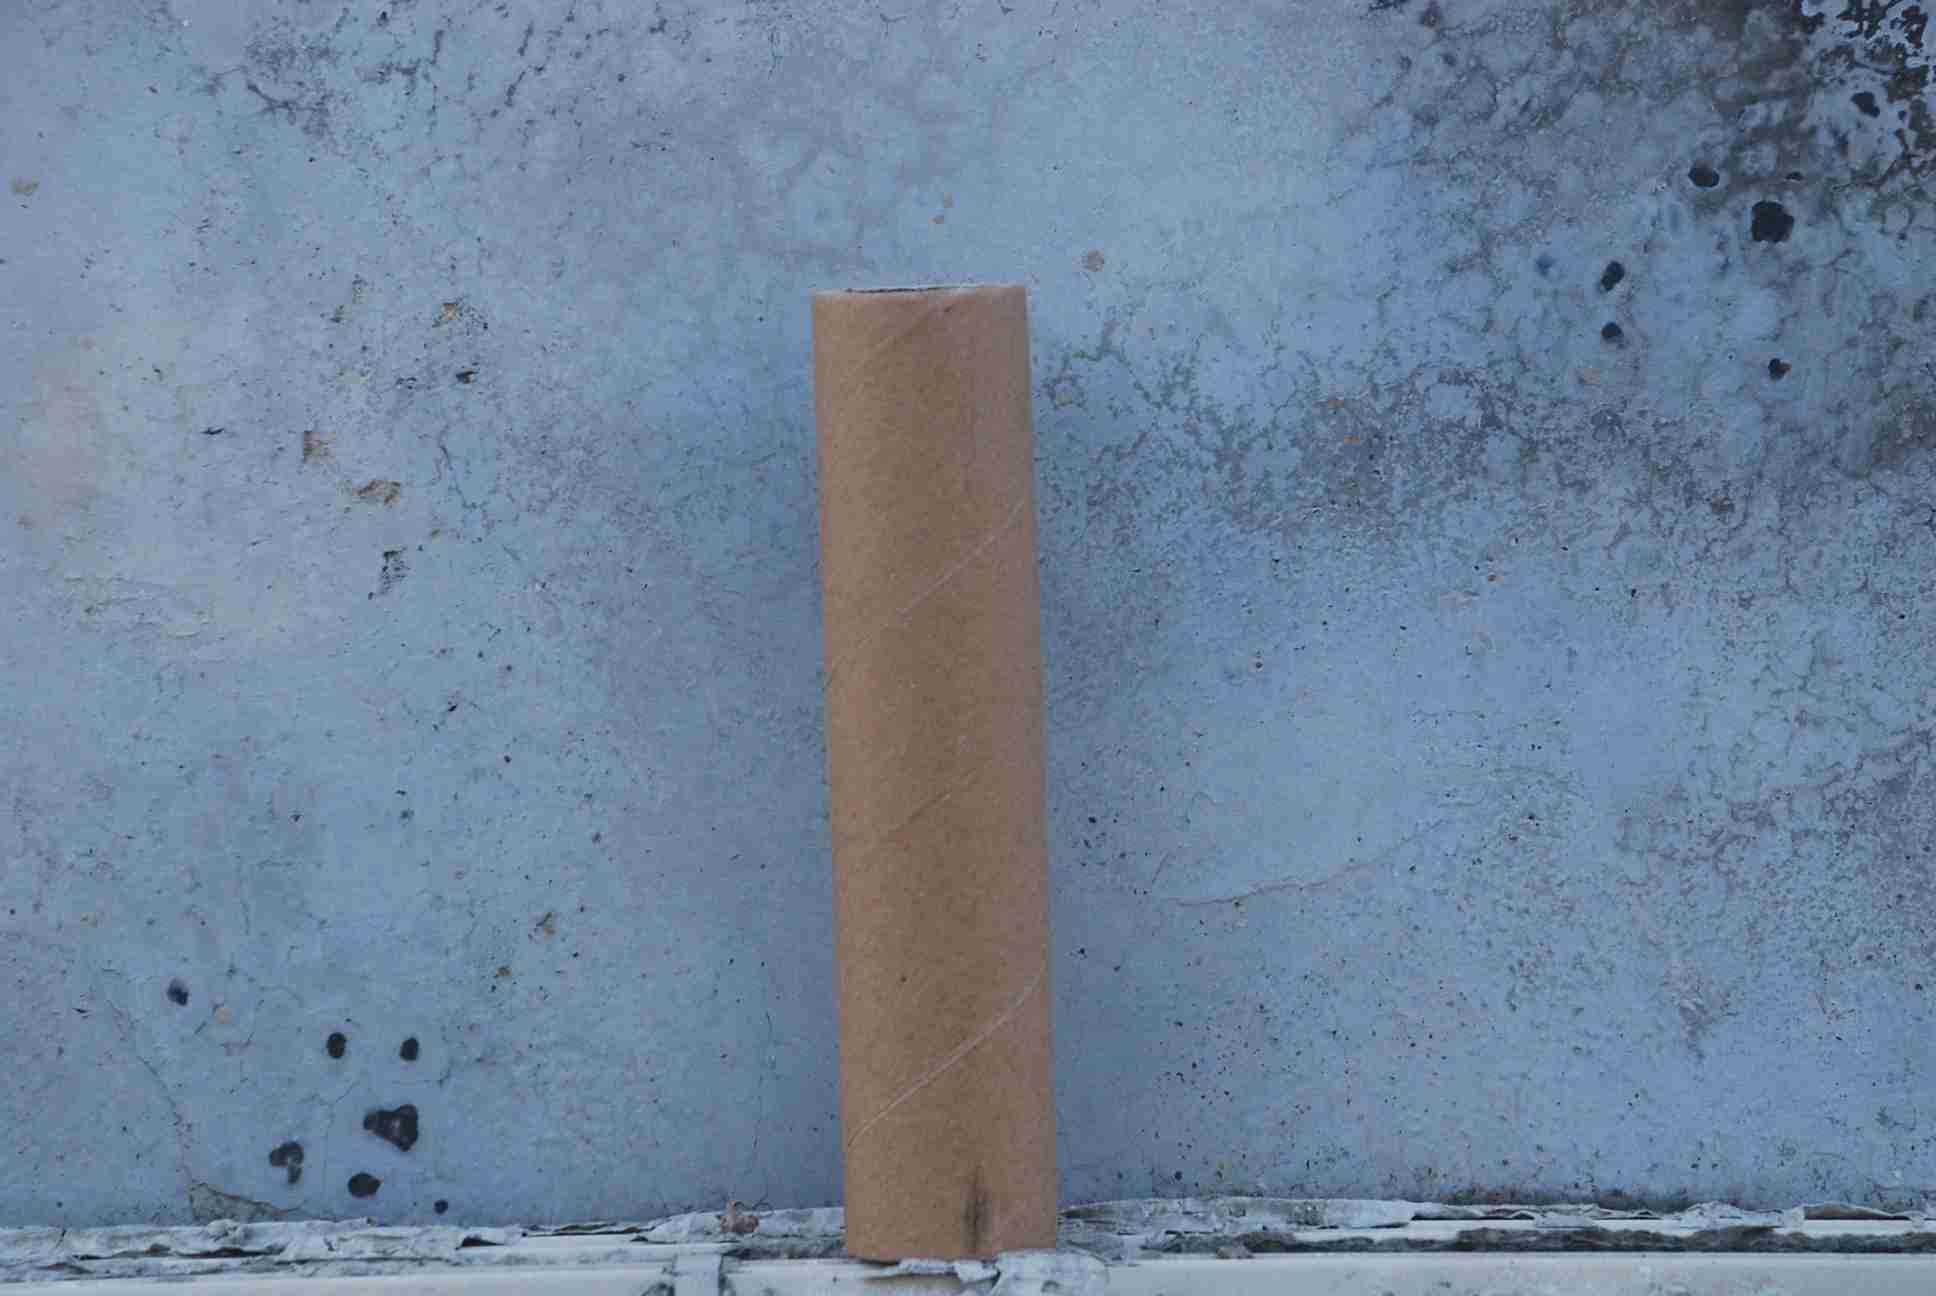 临沂不错的出售_山东加重纸管批发